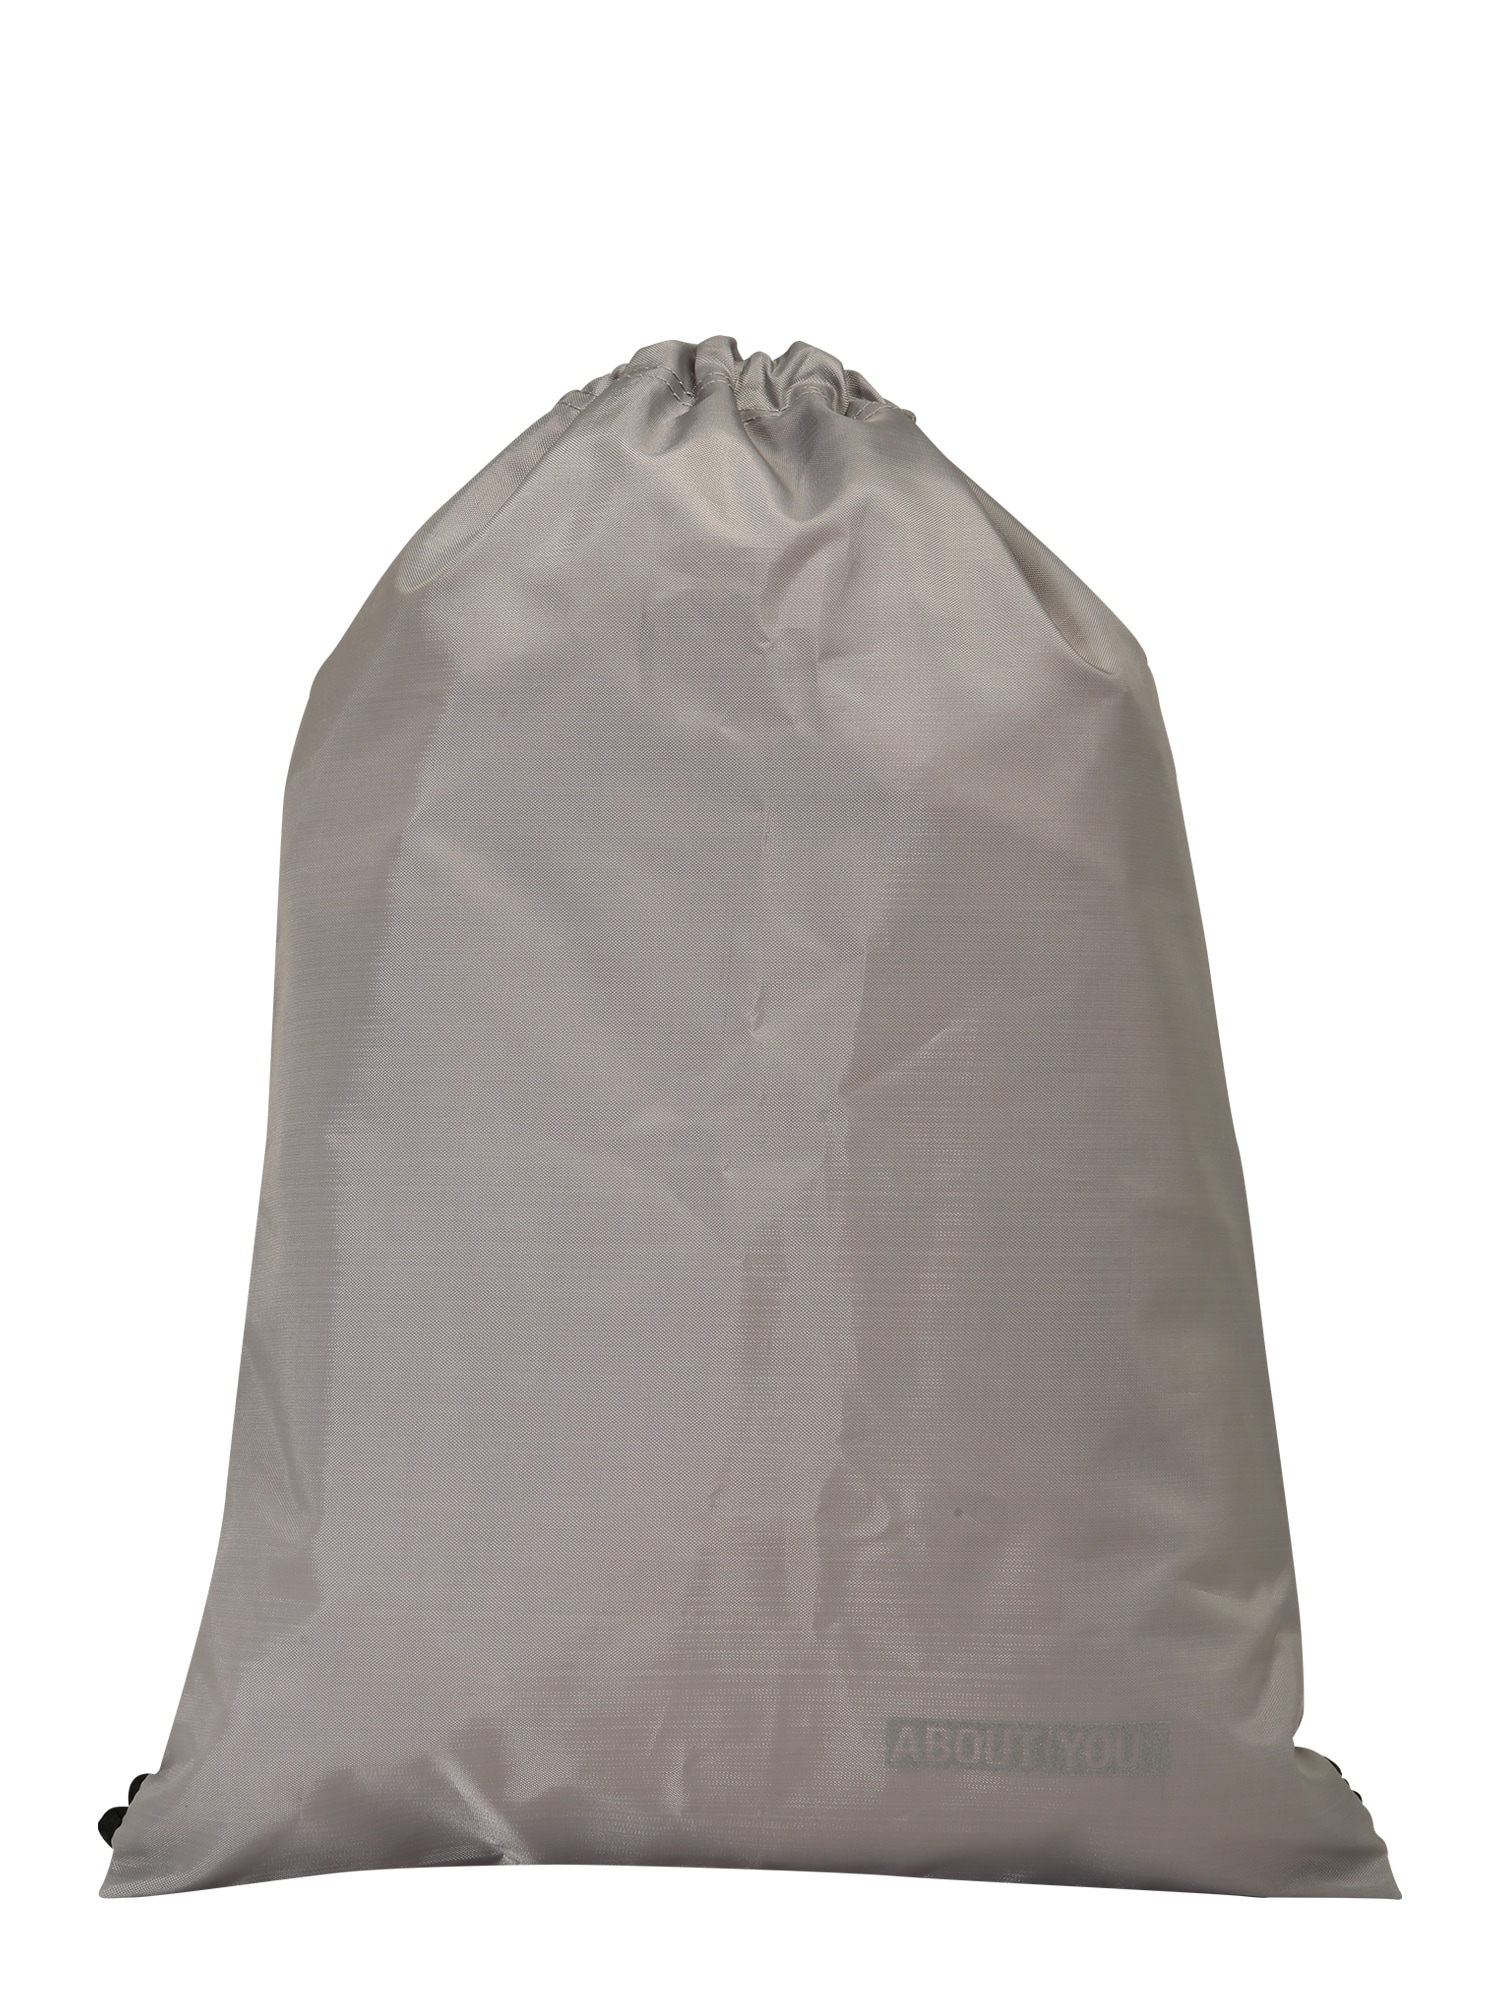 ABOUT YOU Sportinis krepšys-maišas pilka